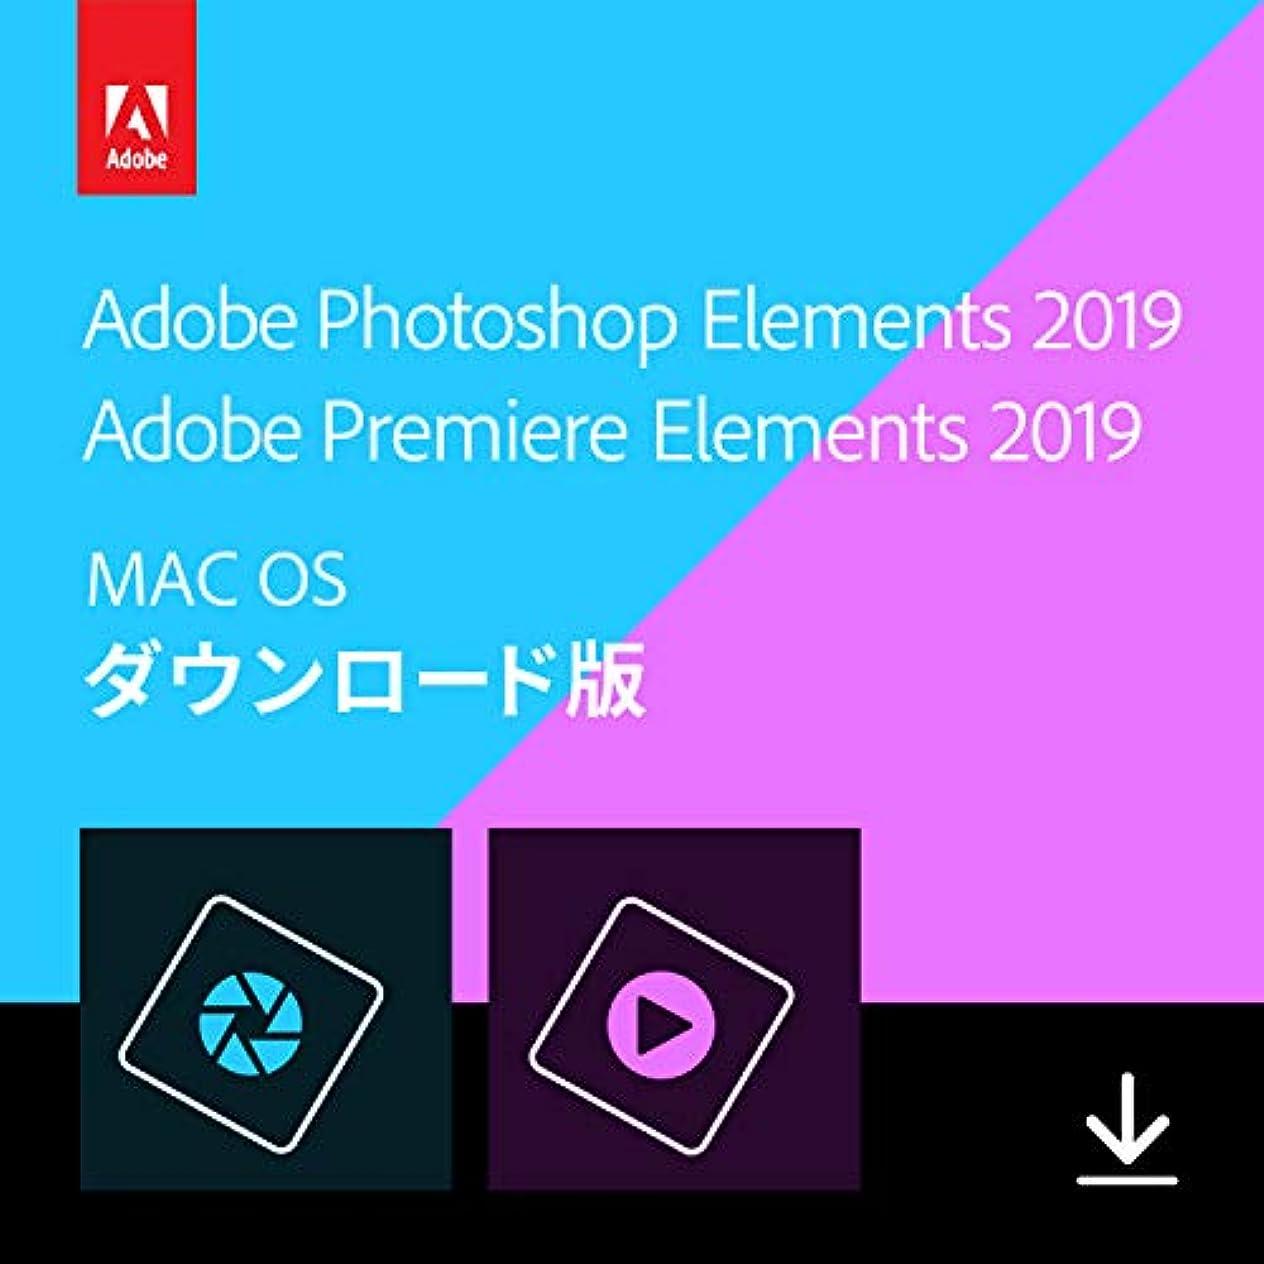 批判する雇用者不良Adobe Photoshop Elements 2019 & Adobe Premiere Elements 2019 Mac版 オンラインコード版